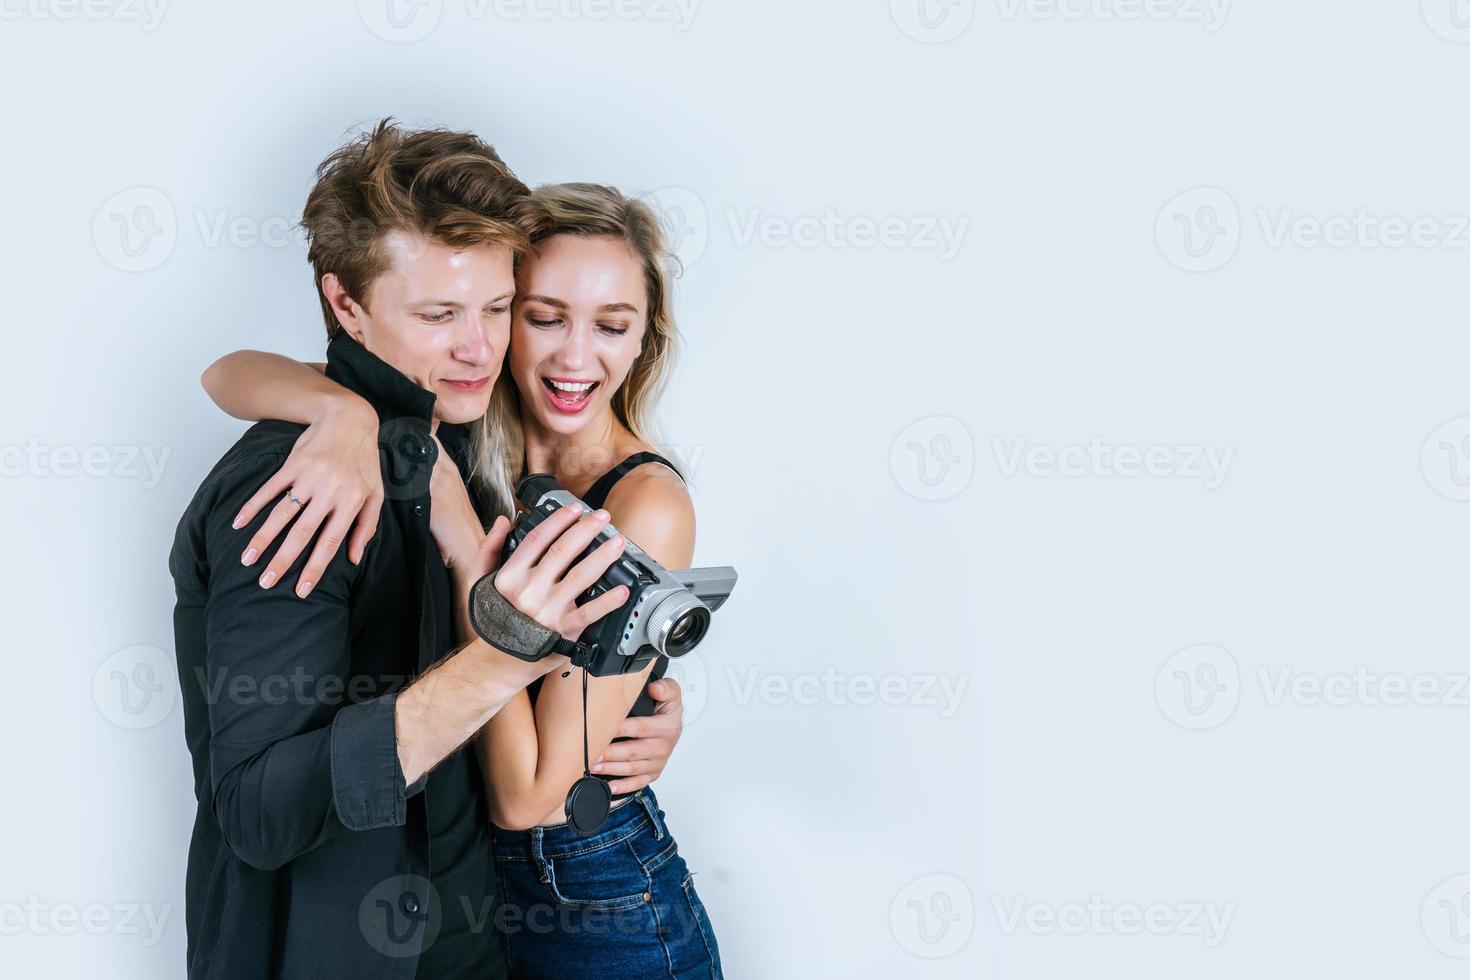 felice ritratto di coppia in possesso di videocamera e la registrazione di un video foto